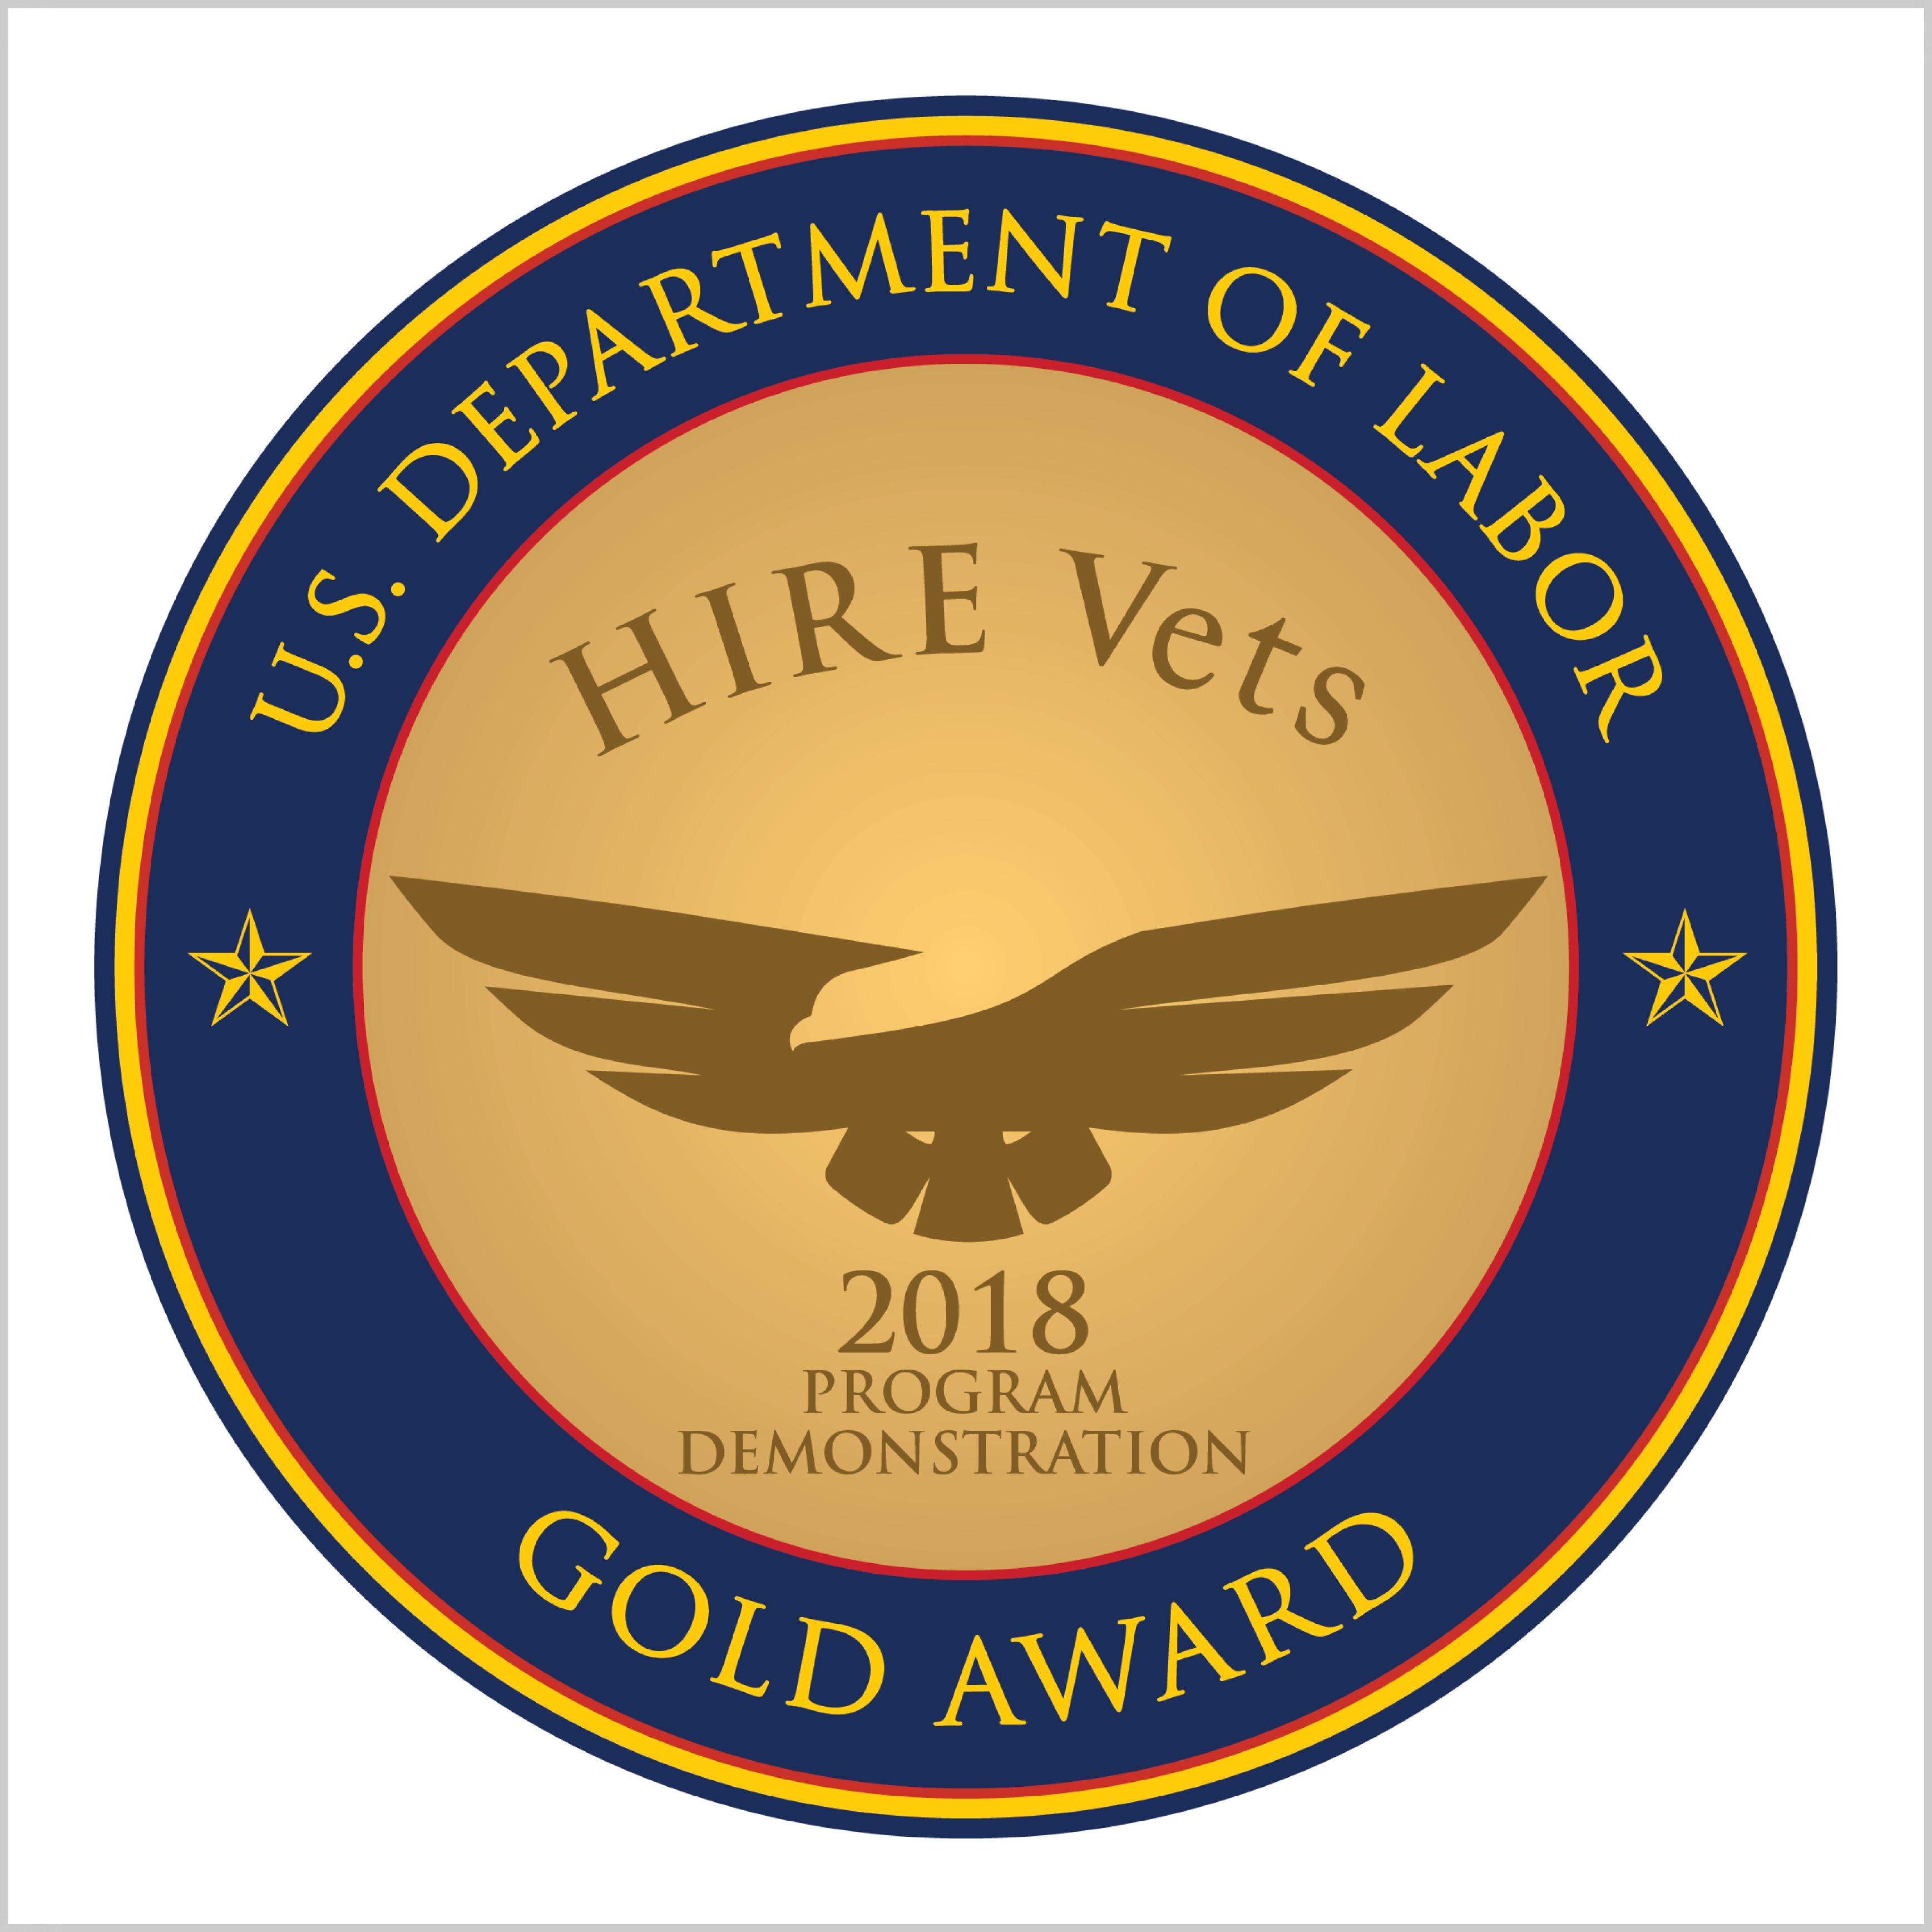 Hire Vets Award